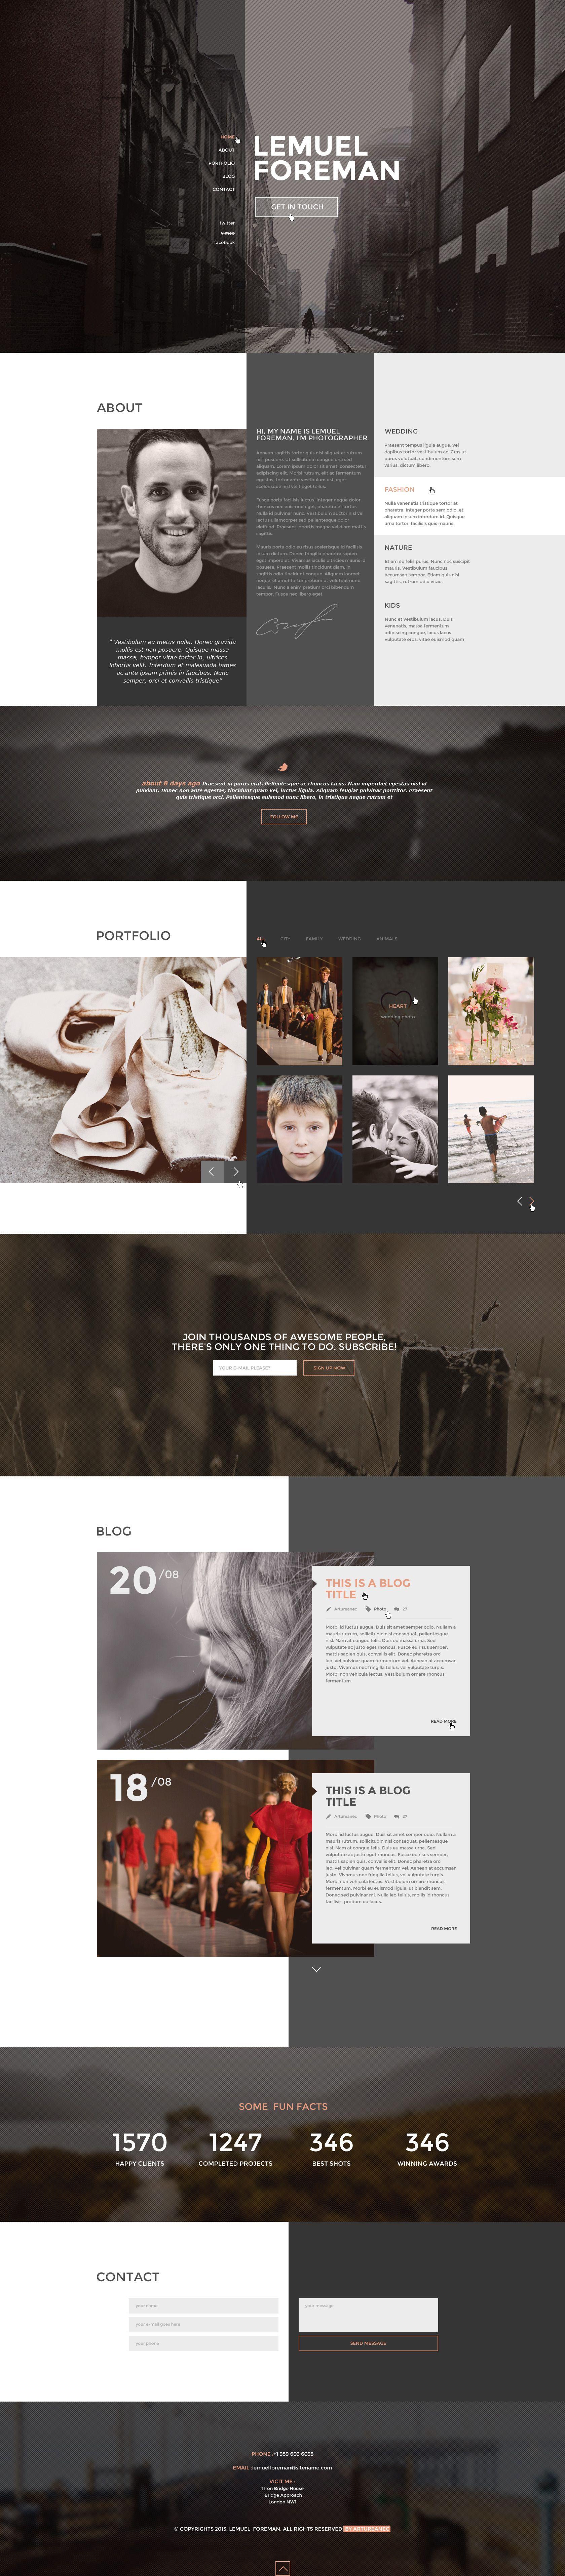 LF - One Page Multi Purpose PSD Theme - PSD Templates